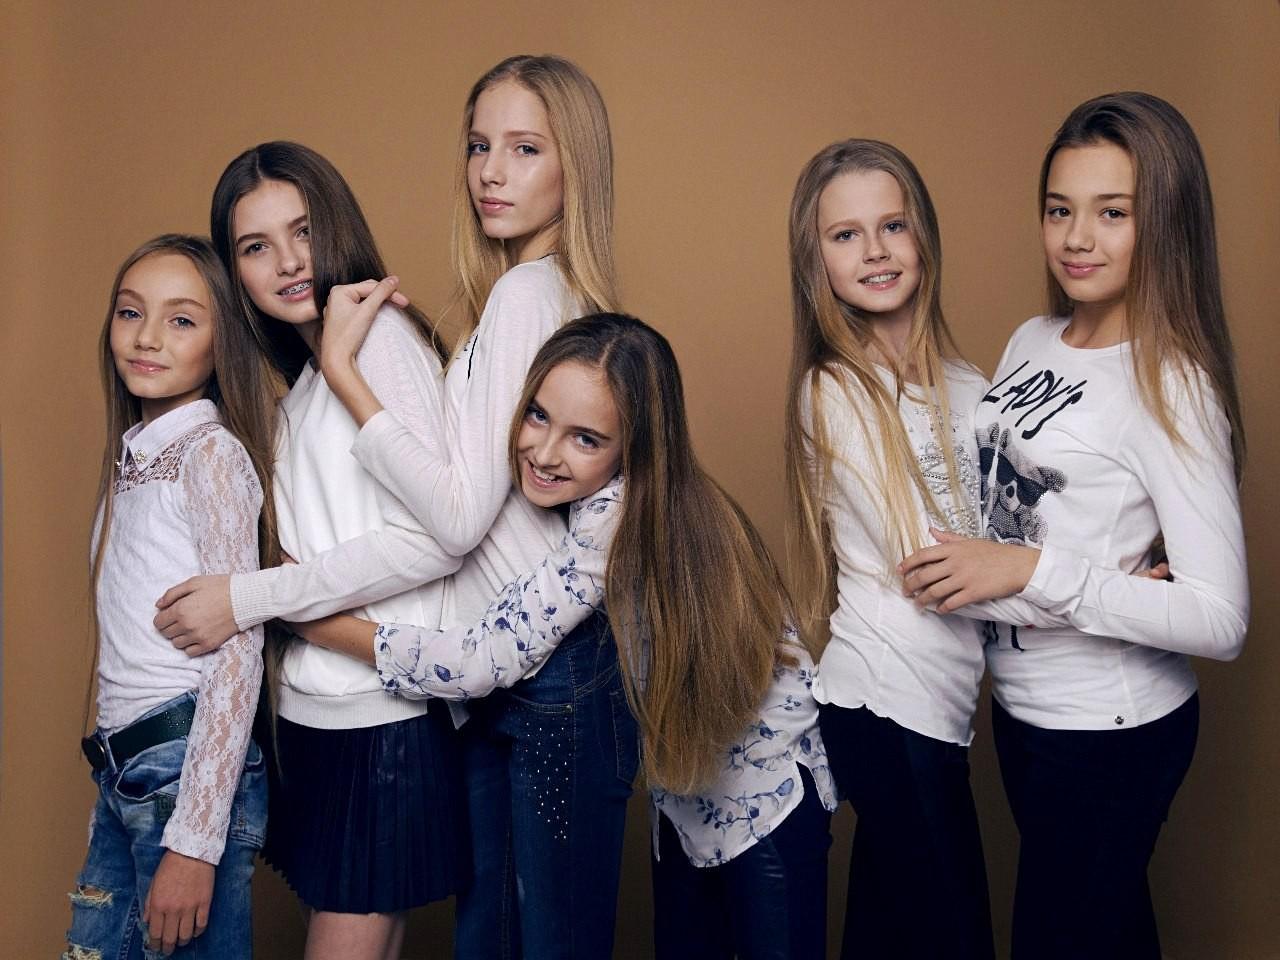 Харьков модельное агентство практическая работа 11 класс информатика получение регрессионных моделей